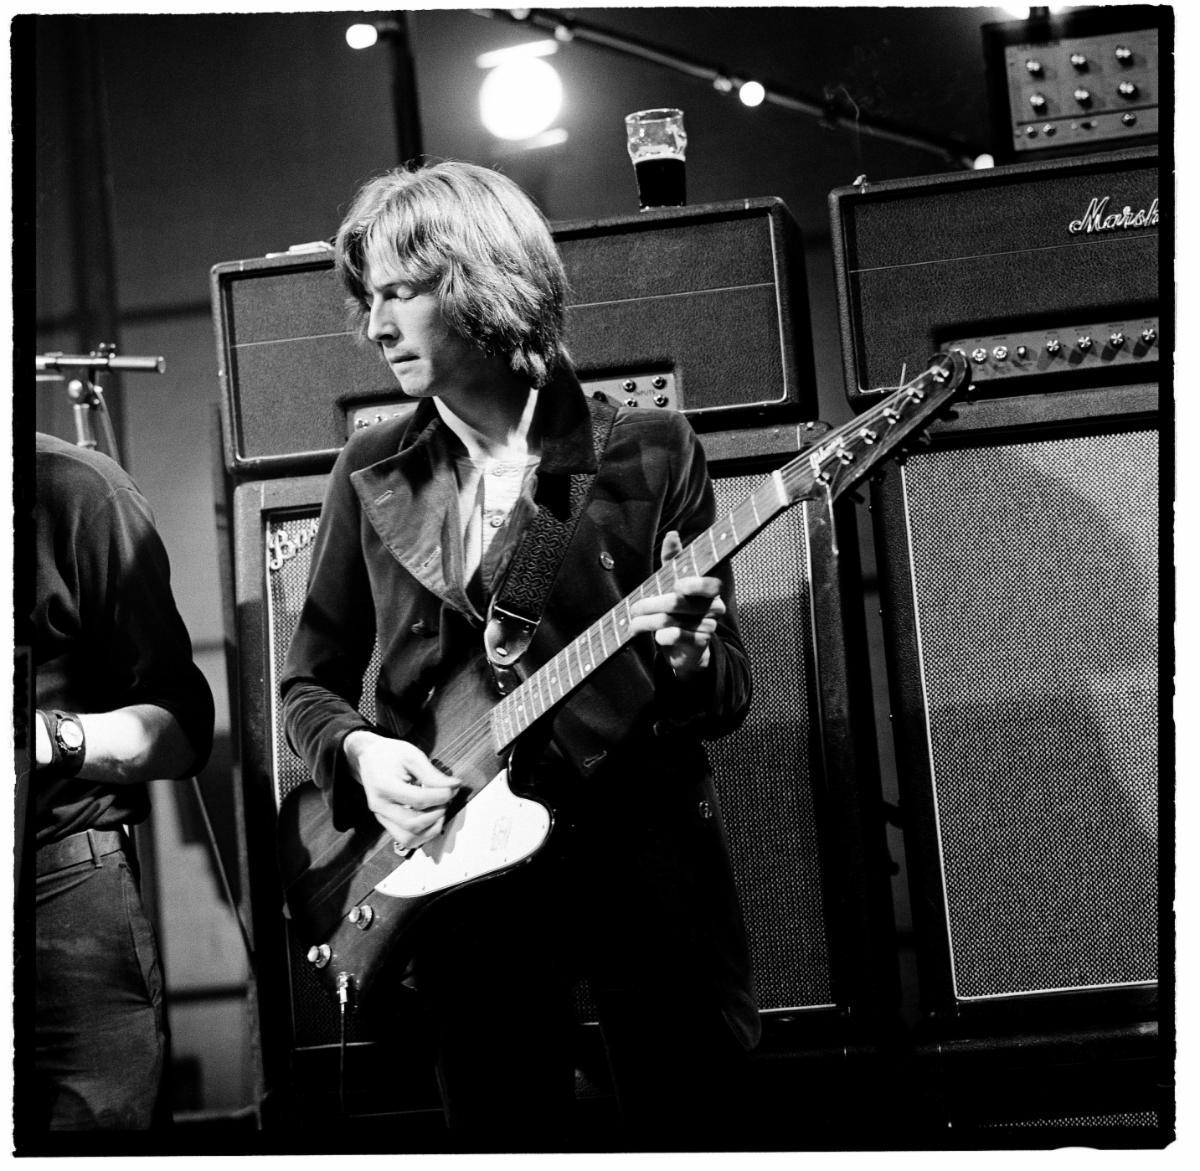 Gibson unveil the Eric Clapton 1964 Firebird I | MusicRadar